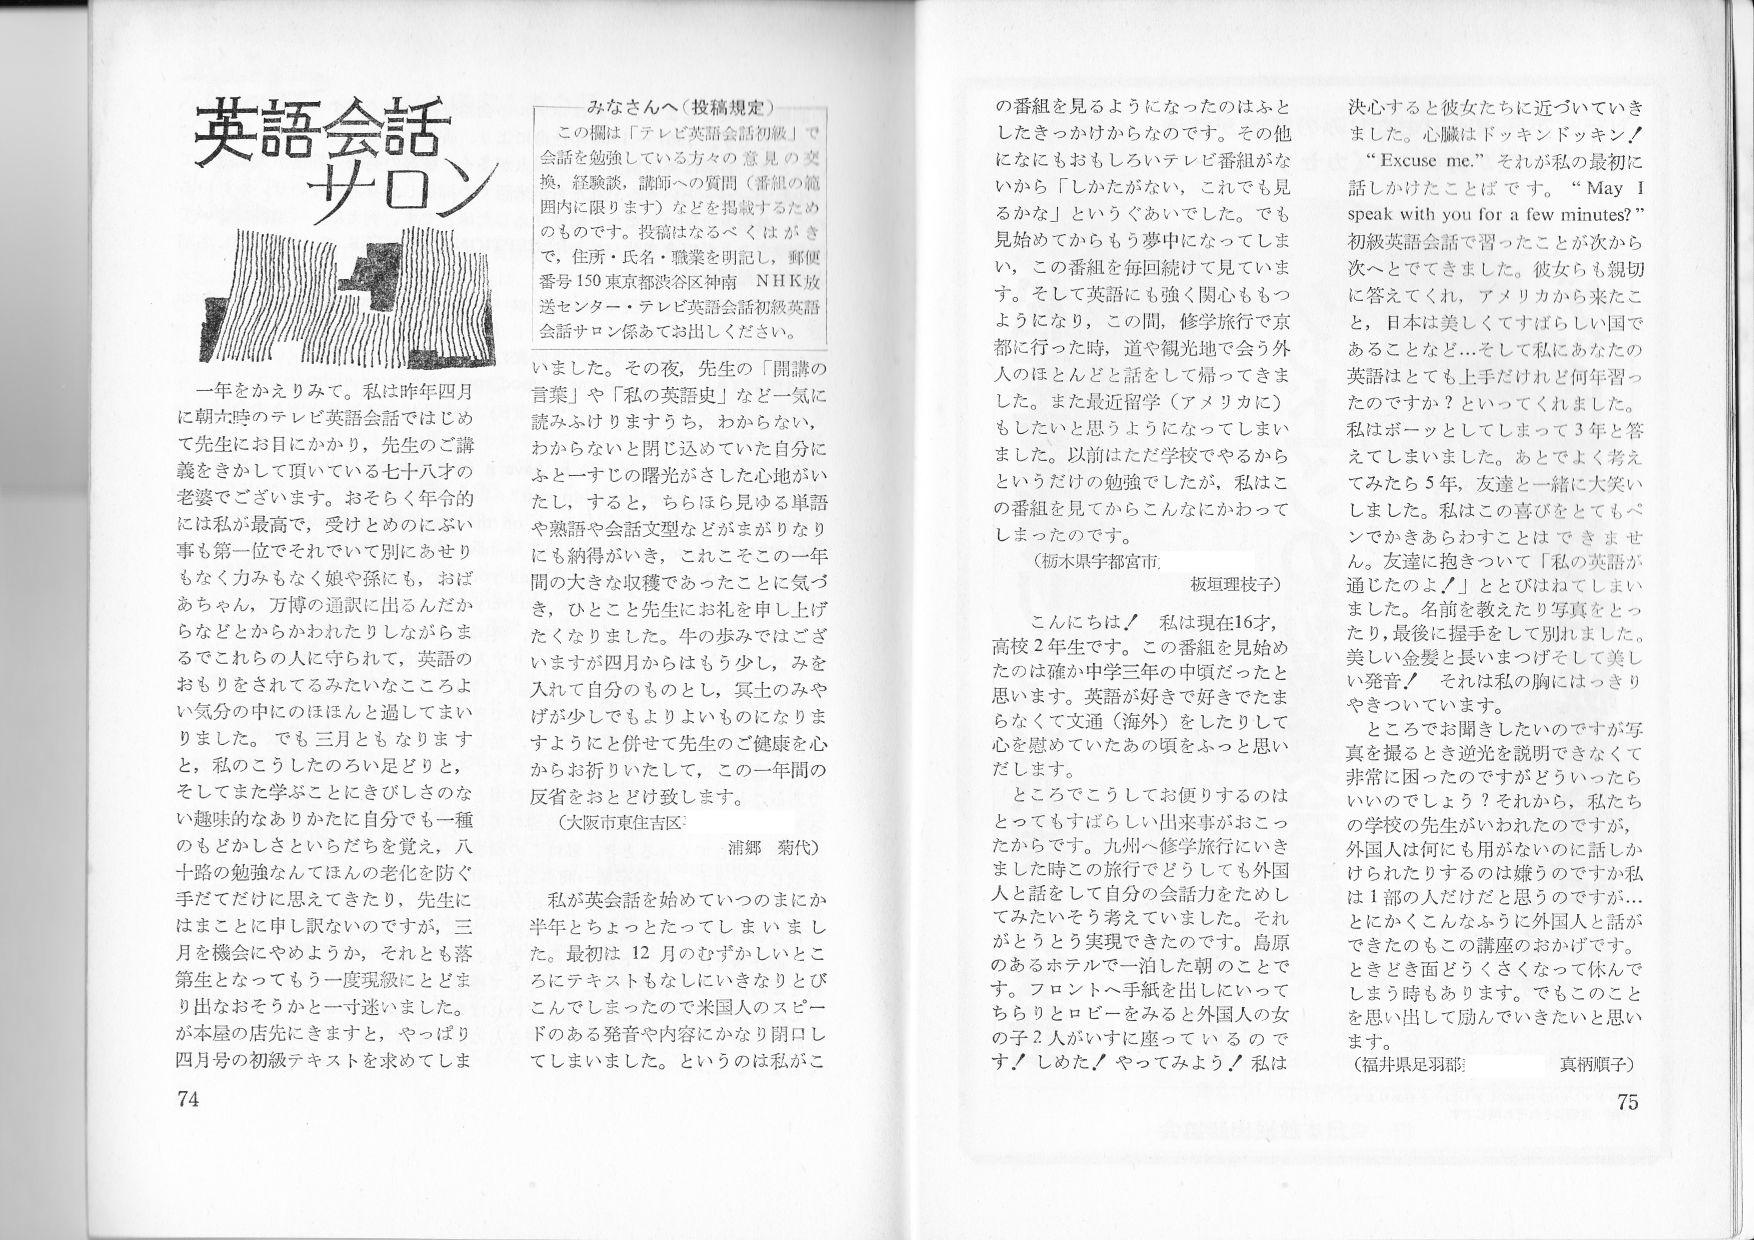 70-5月、6月「テレビ英語会話初級」の連載記事 (14年11月7日)_c0059093_11551539.jpg